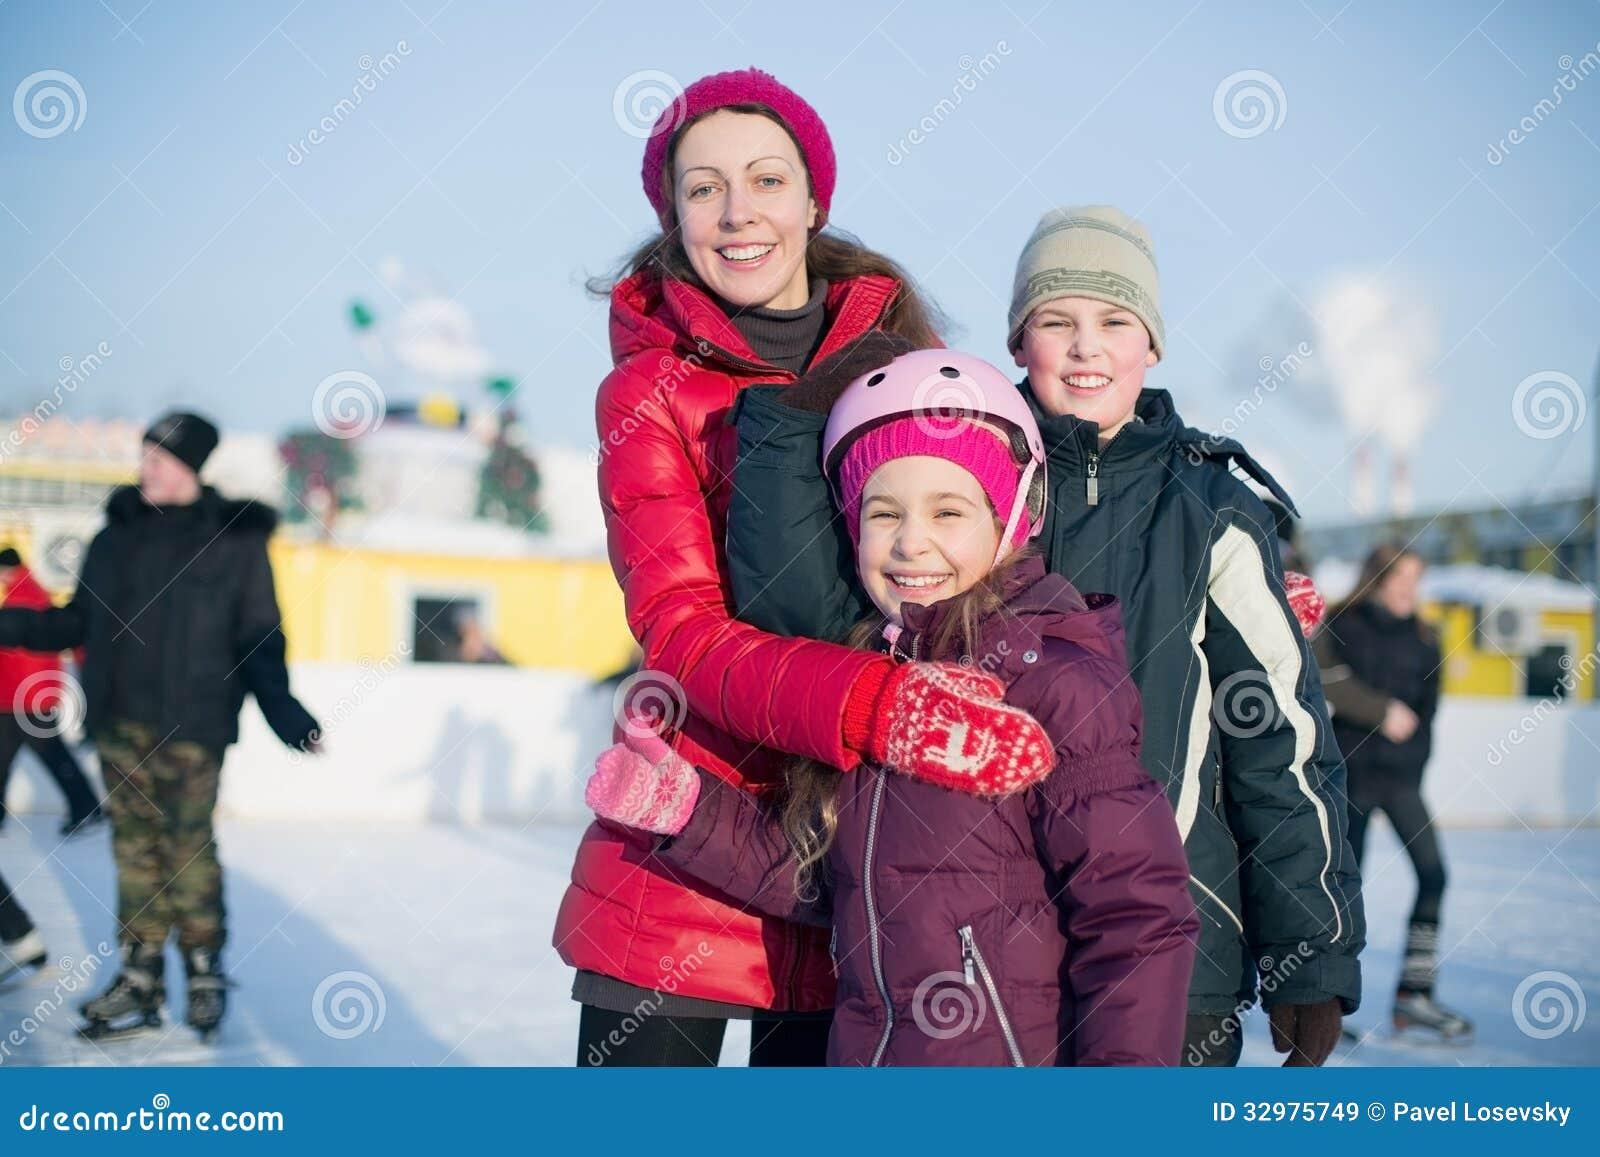 Eine Mutter mit zwei Kindern, die auf der Eisbahn im Freien stehen